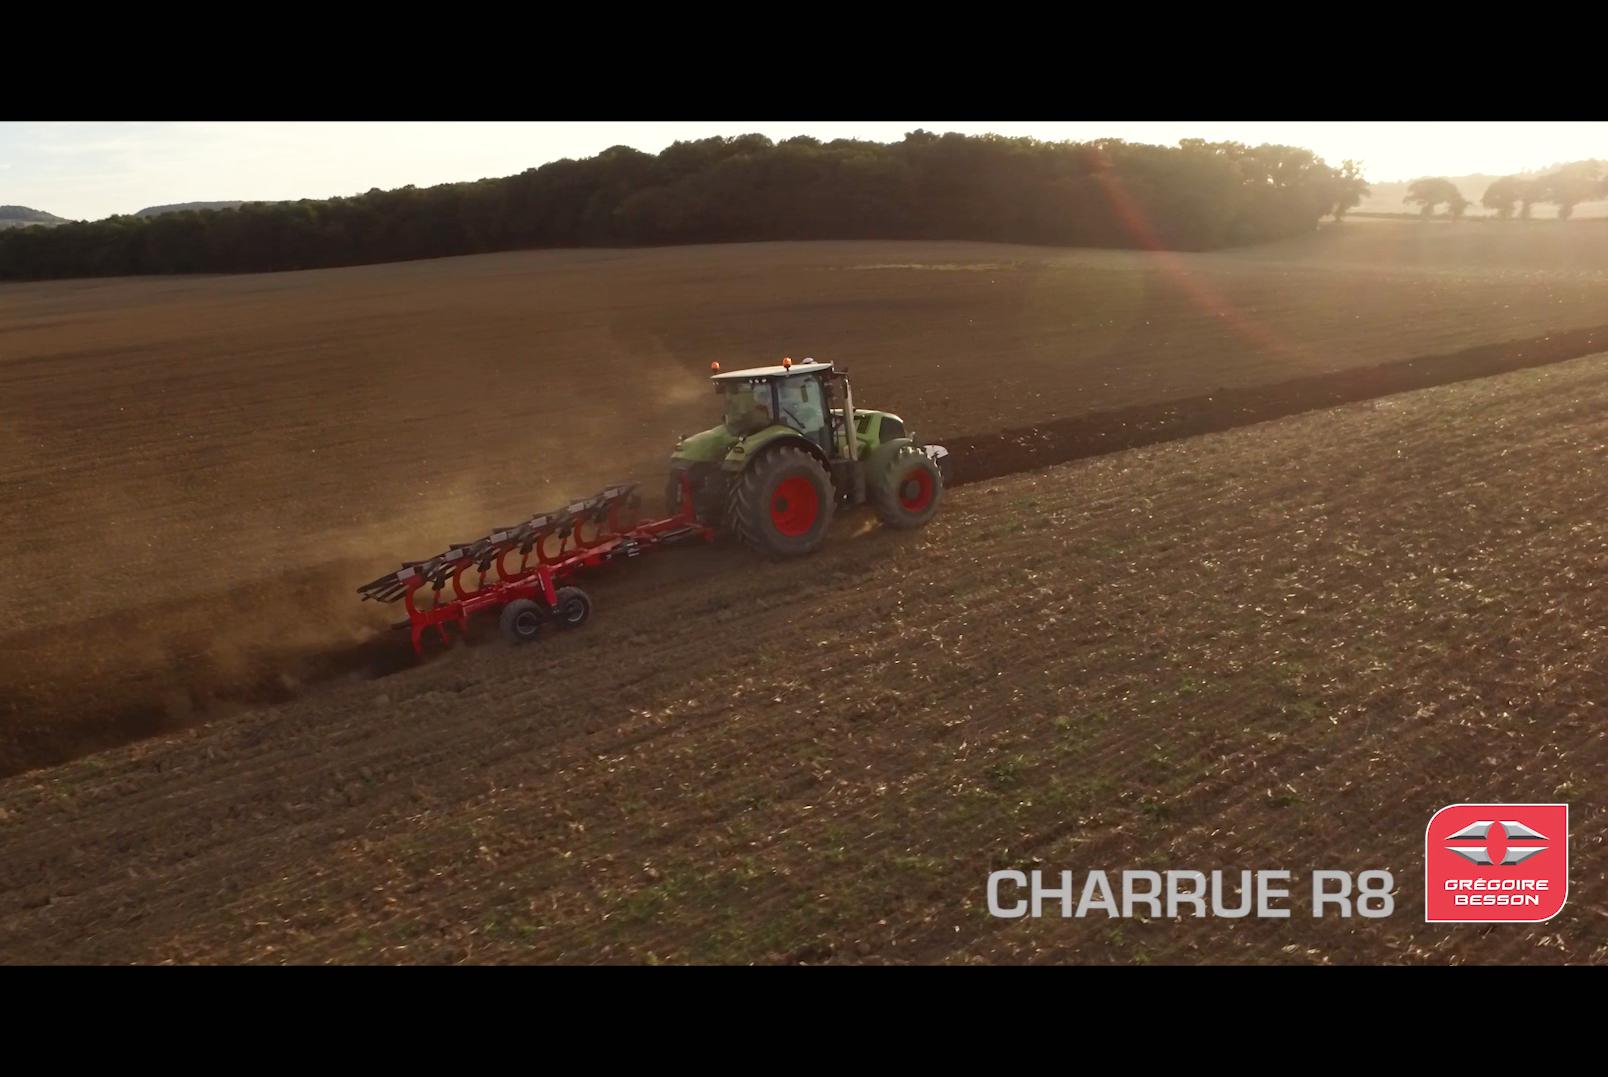 Vidéo produit charrue R8 Grégoire Besson